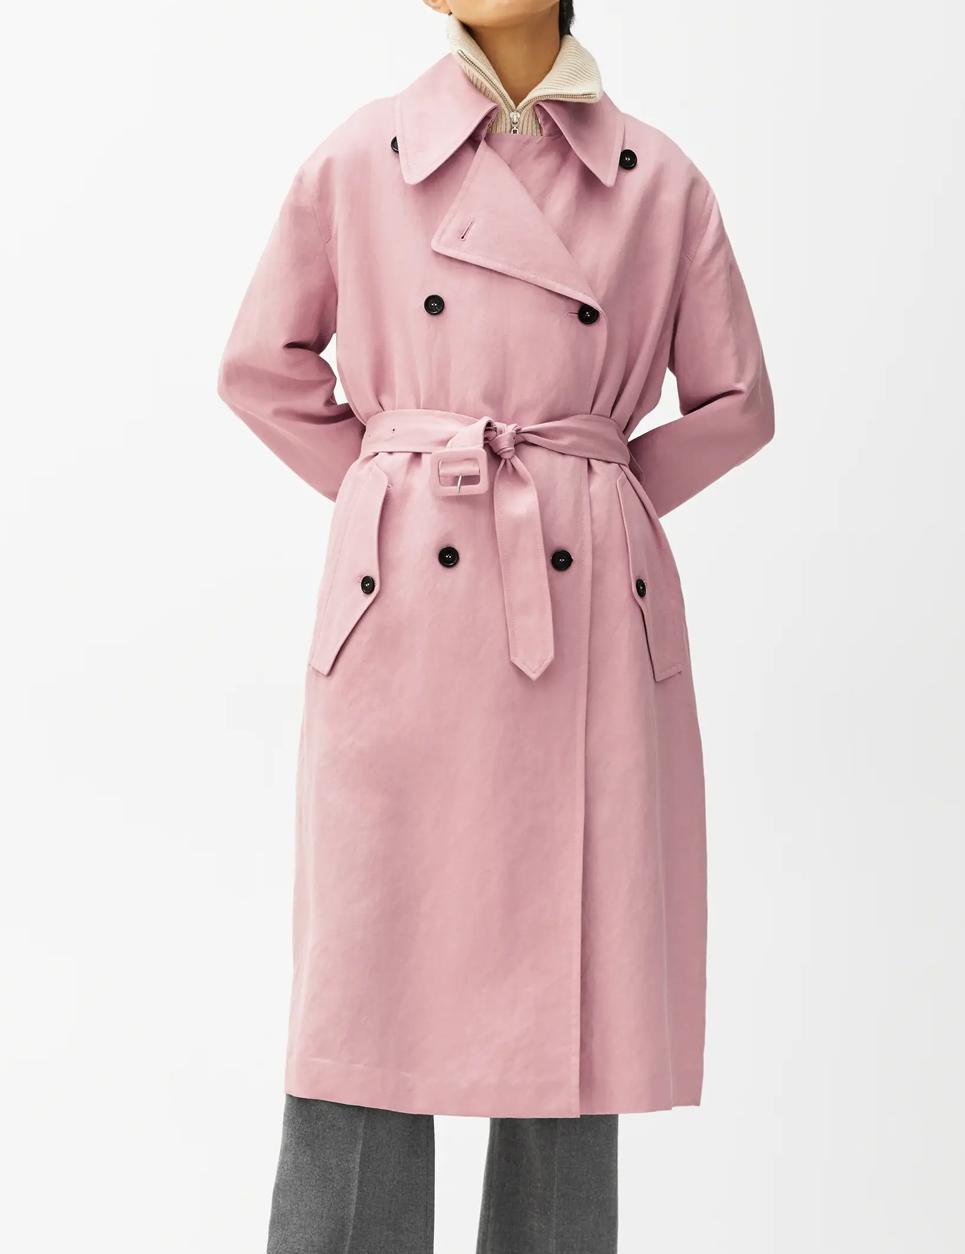 pink trench coat women 2021